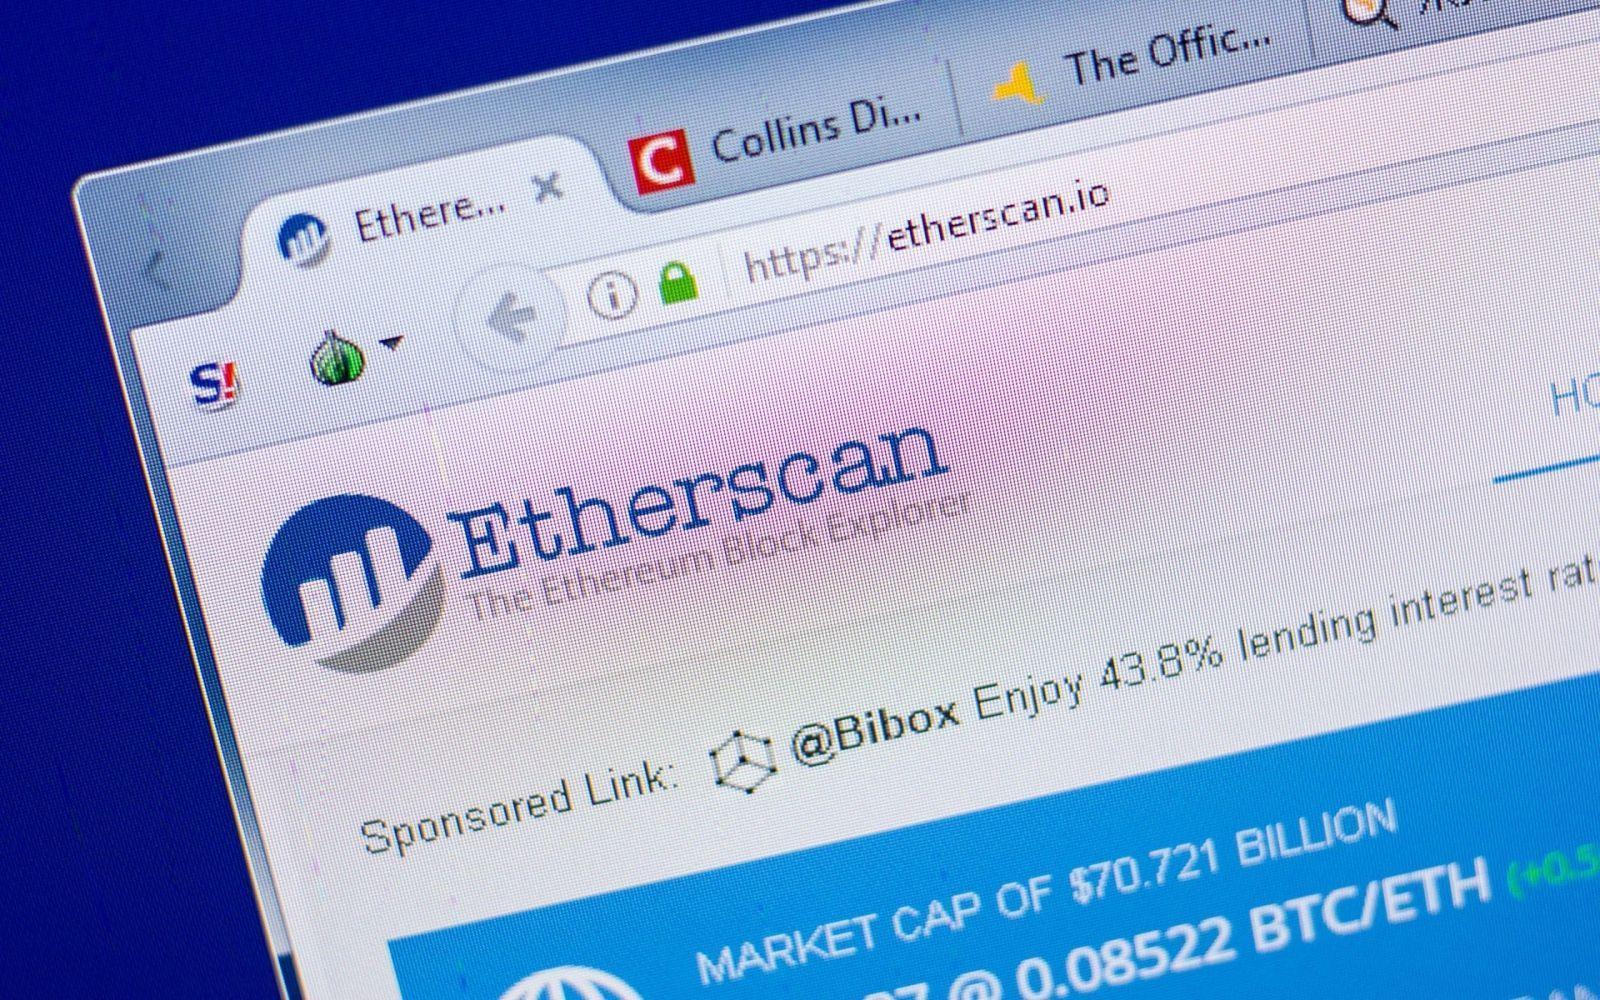 Китай заблокировал доступ к популярному блокчейн-сервису Etherscan.io (shutterstock 1098457598)